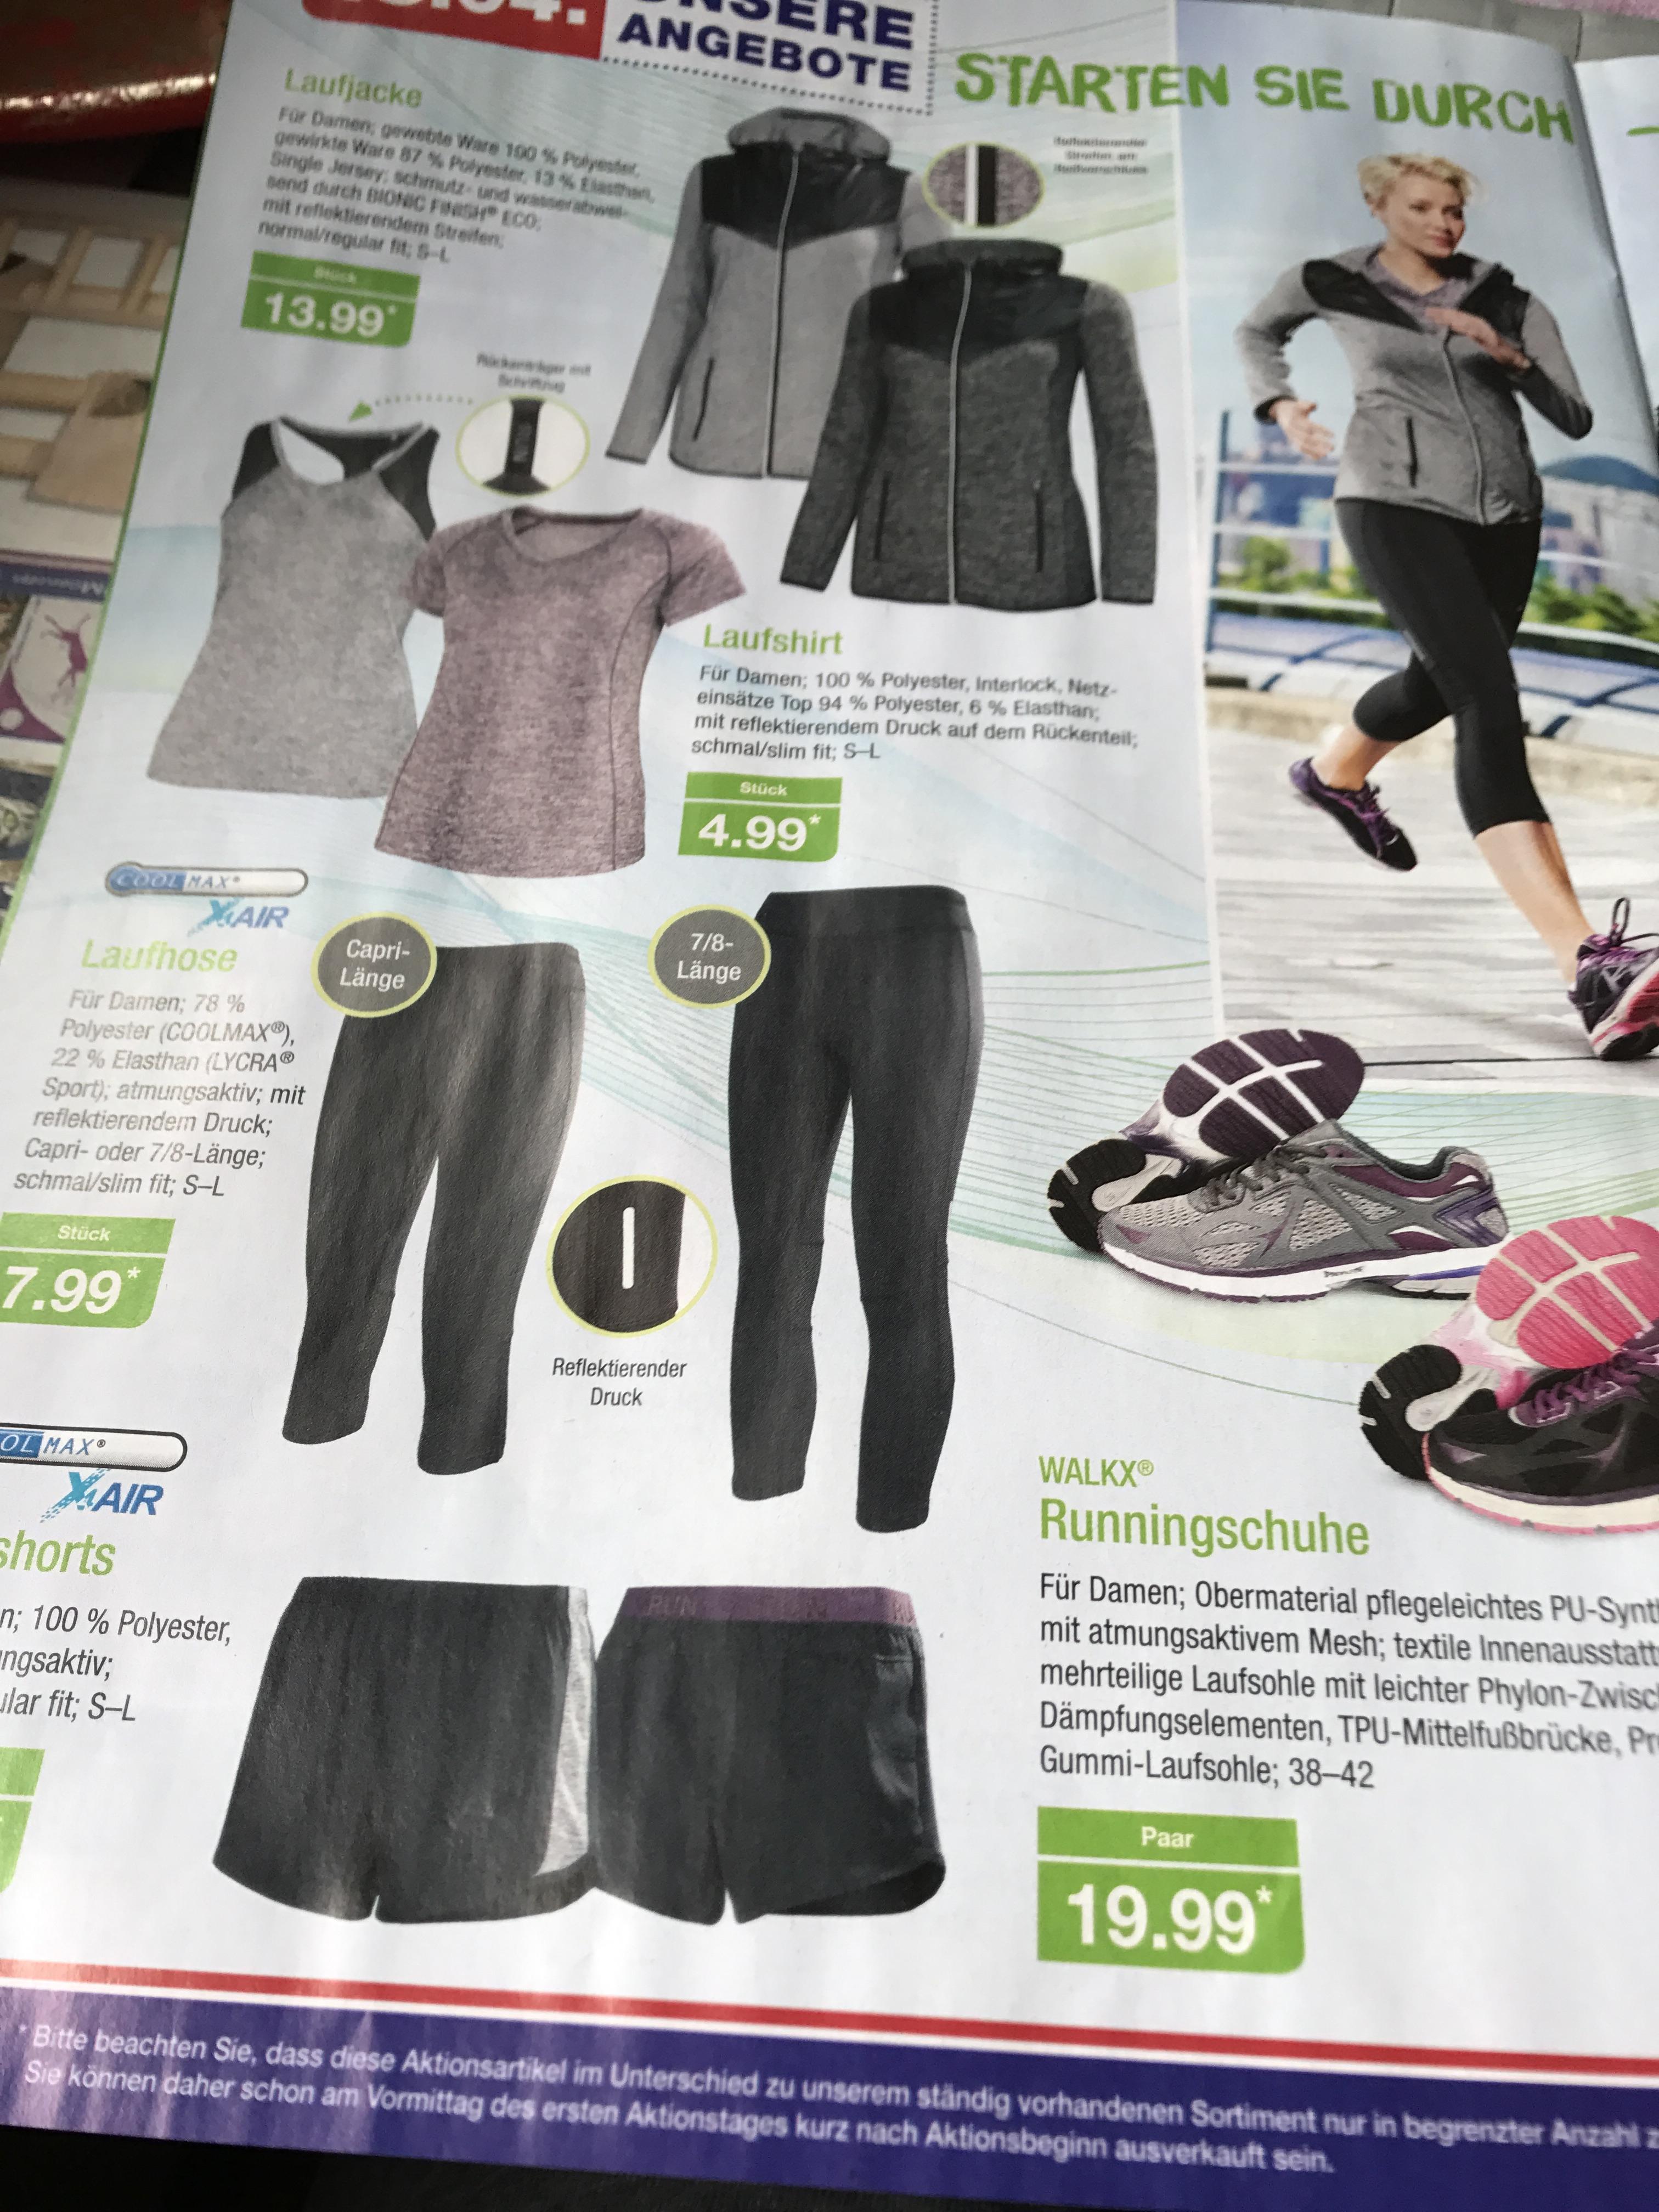 Herren und Damen Laufshorts/Laufhosen oder Laufshirts für je 5,99€. Auch andere Laufsachen in der Beschreibung @Aldi Nord (ab morgen,18.04.2017)